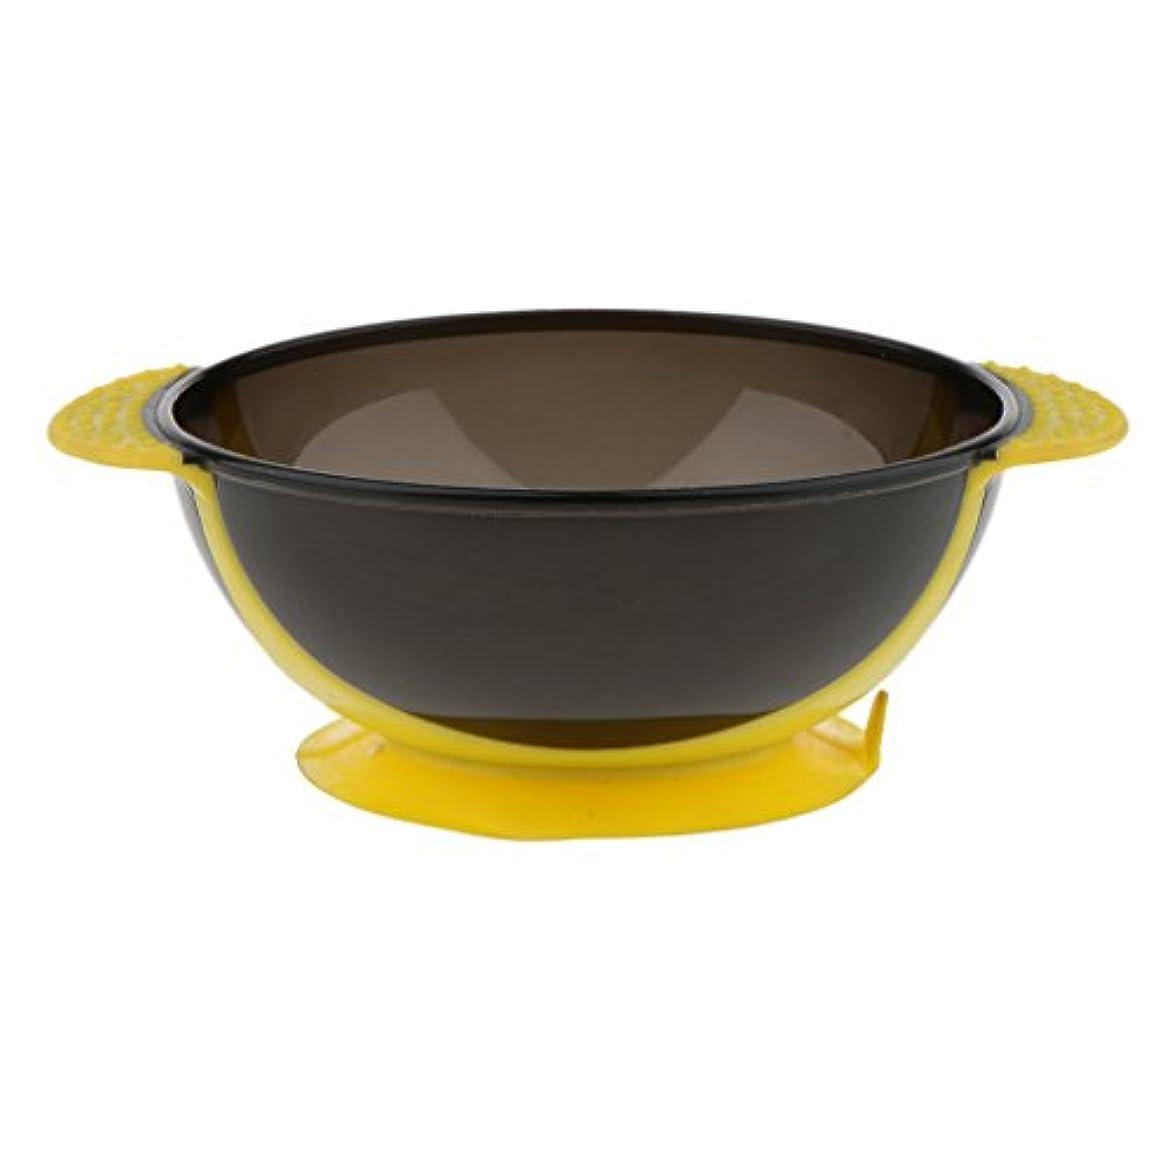 確率素晴らしい良い多くの凝視Toygogo ヘアカラー ミキシングボウル ヘアダイボウル 染料 色合い 髪染めミント 吸引ベース 3色選べる - 黄